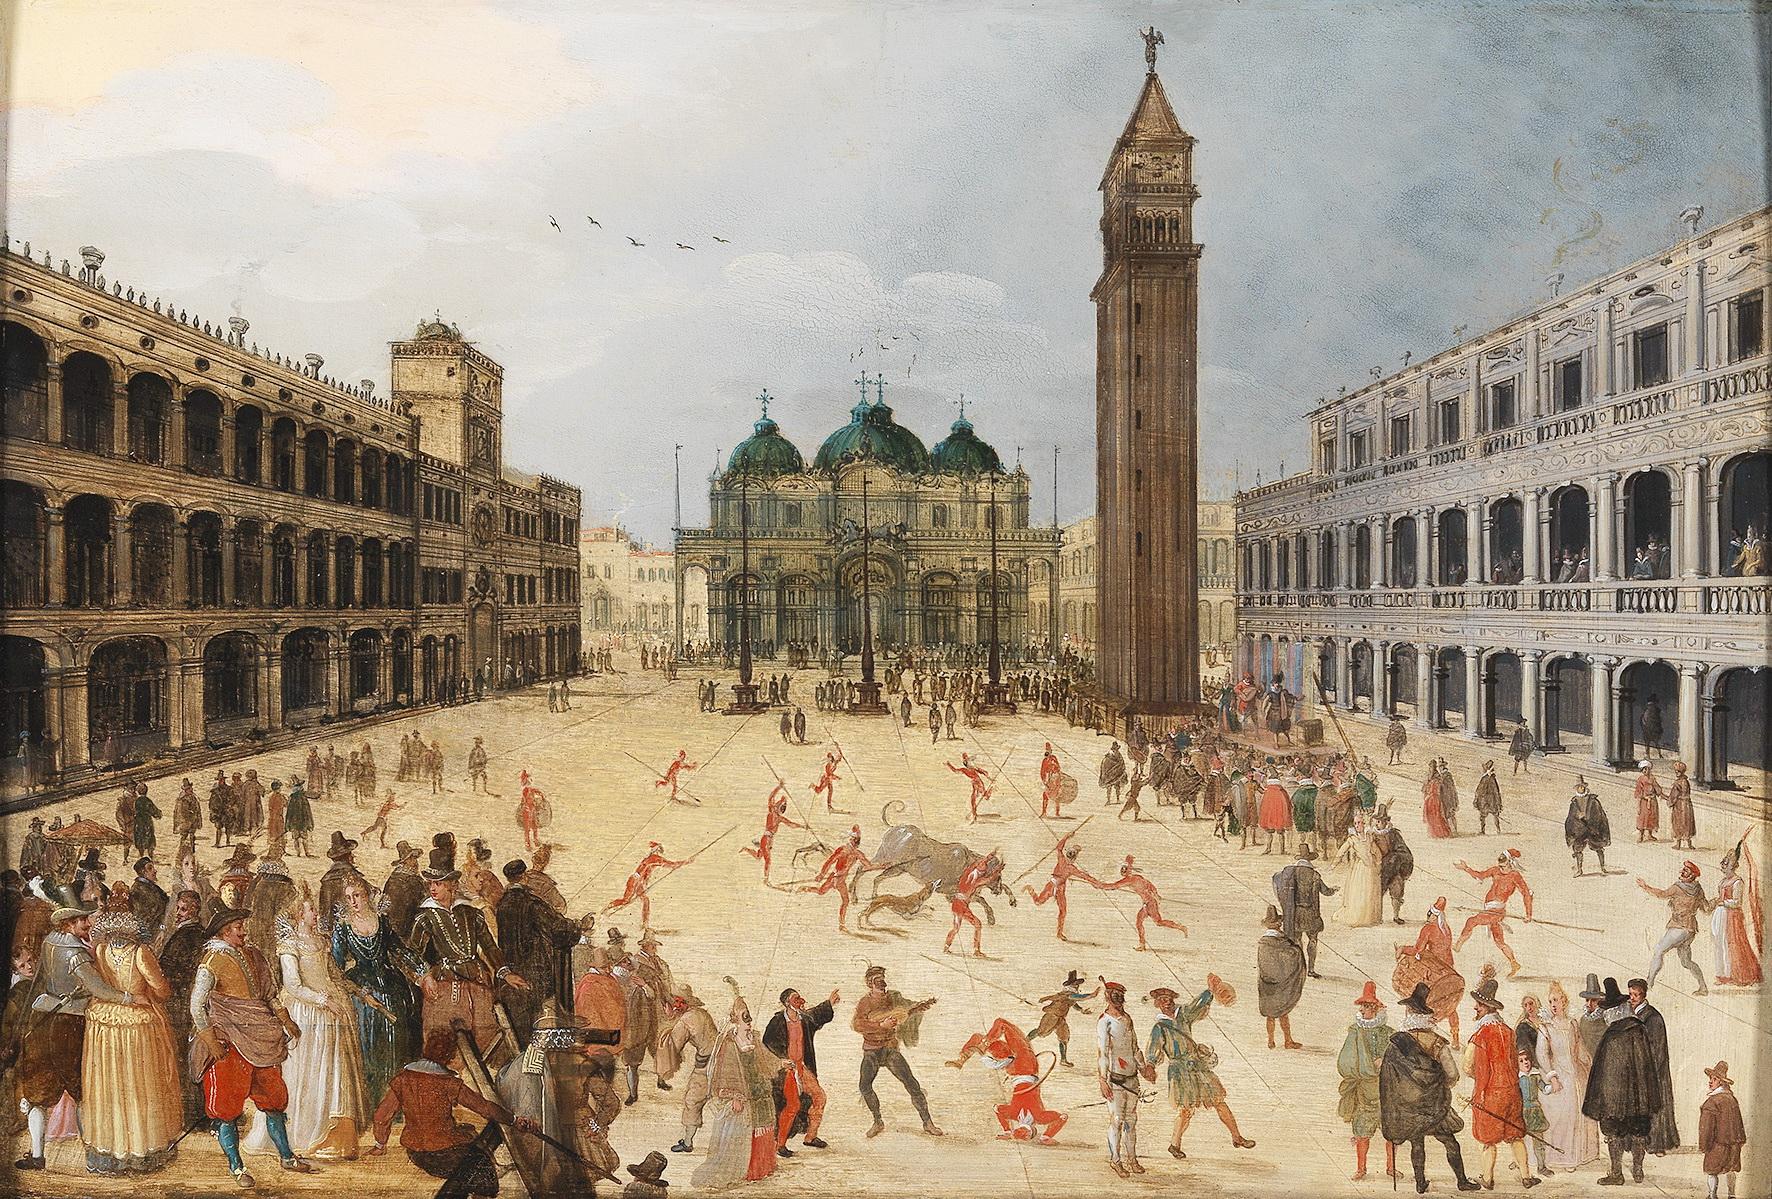 SEBASTIAEN VRANX (1573 Antwerpen 1647) - Karnevalsszene auf dem Markusplatz in Venedig, Öl/Lwd.